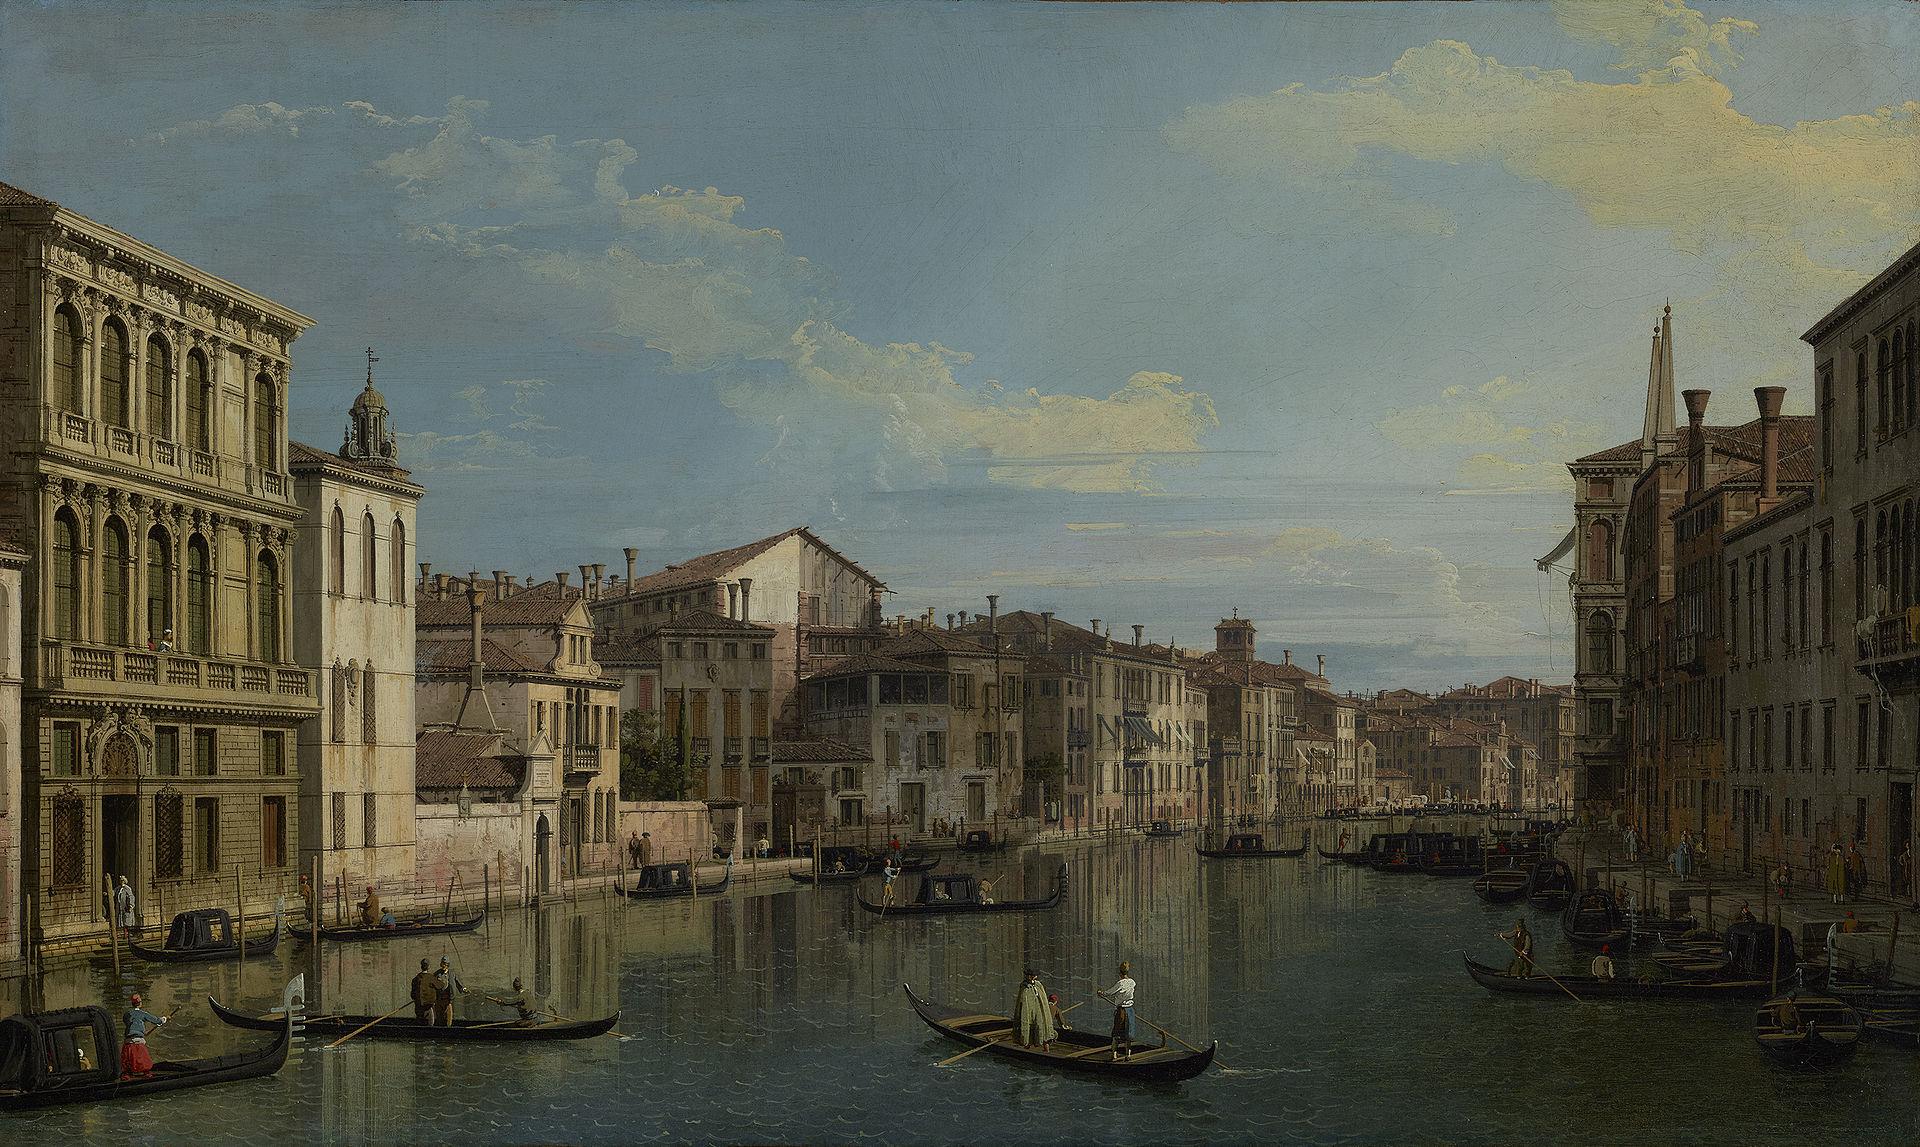 เวนิส-ภาพเขียนสวยๆ